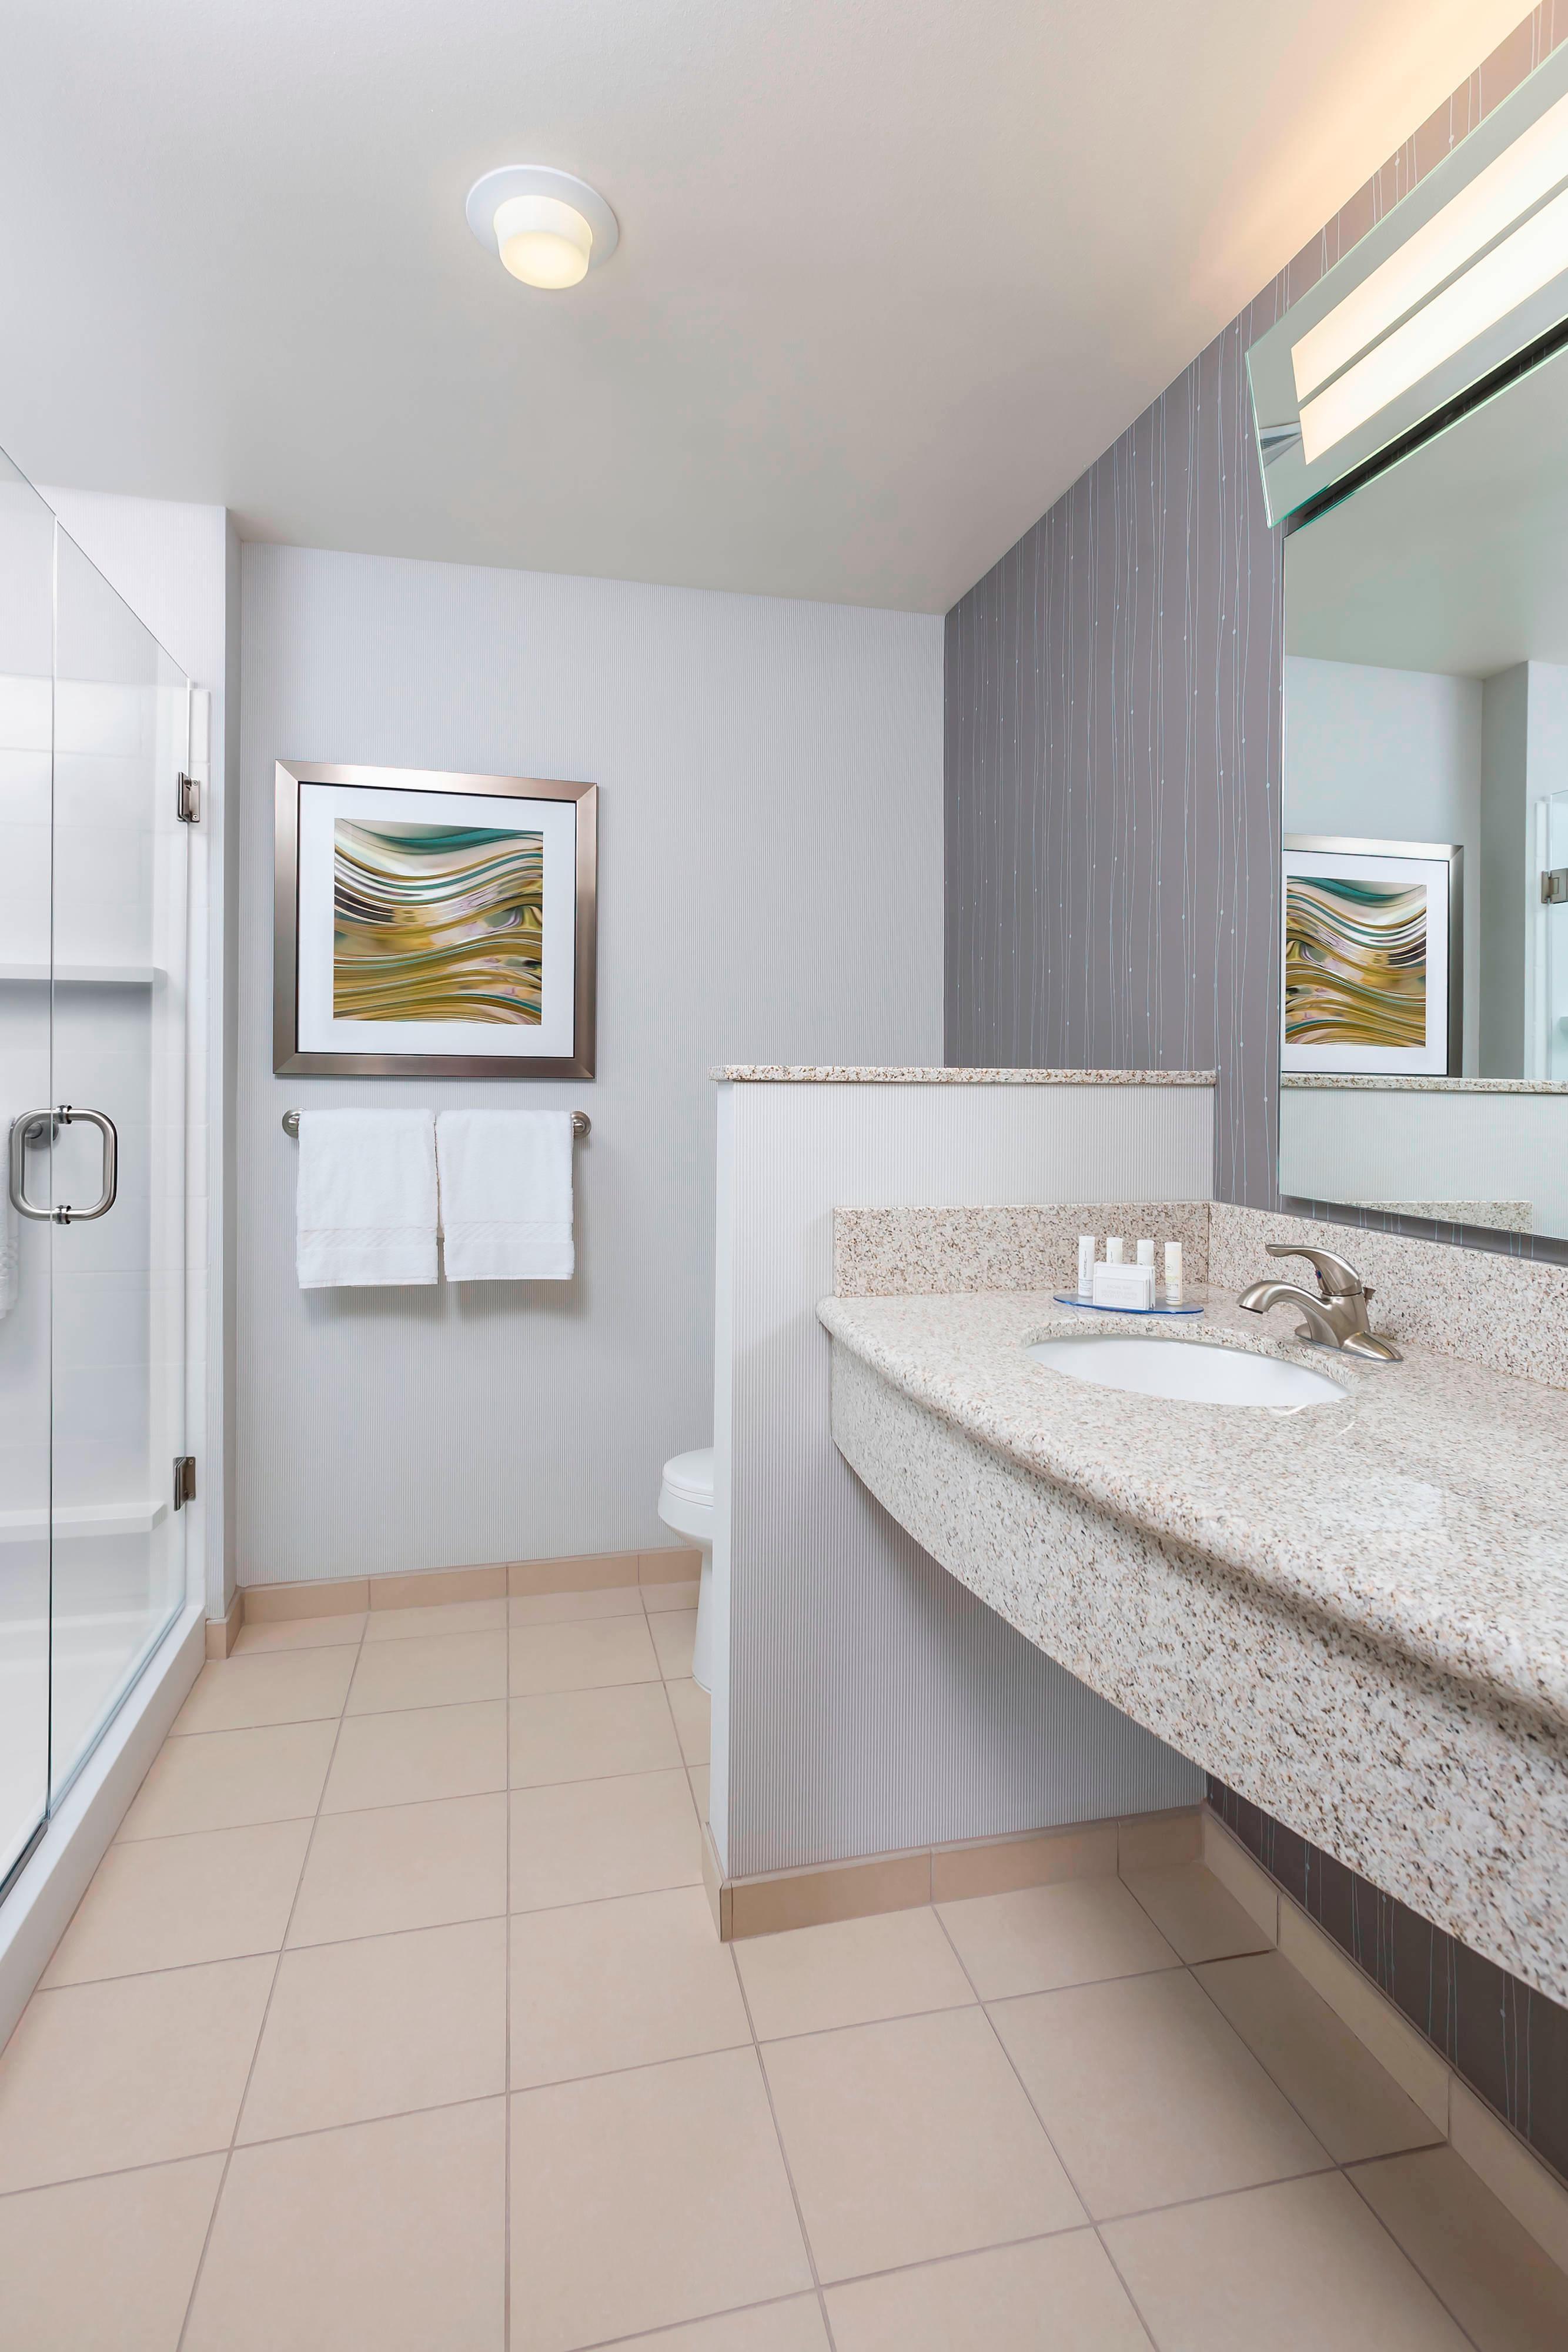 Marriott Kalamazoo hotel bathroom